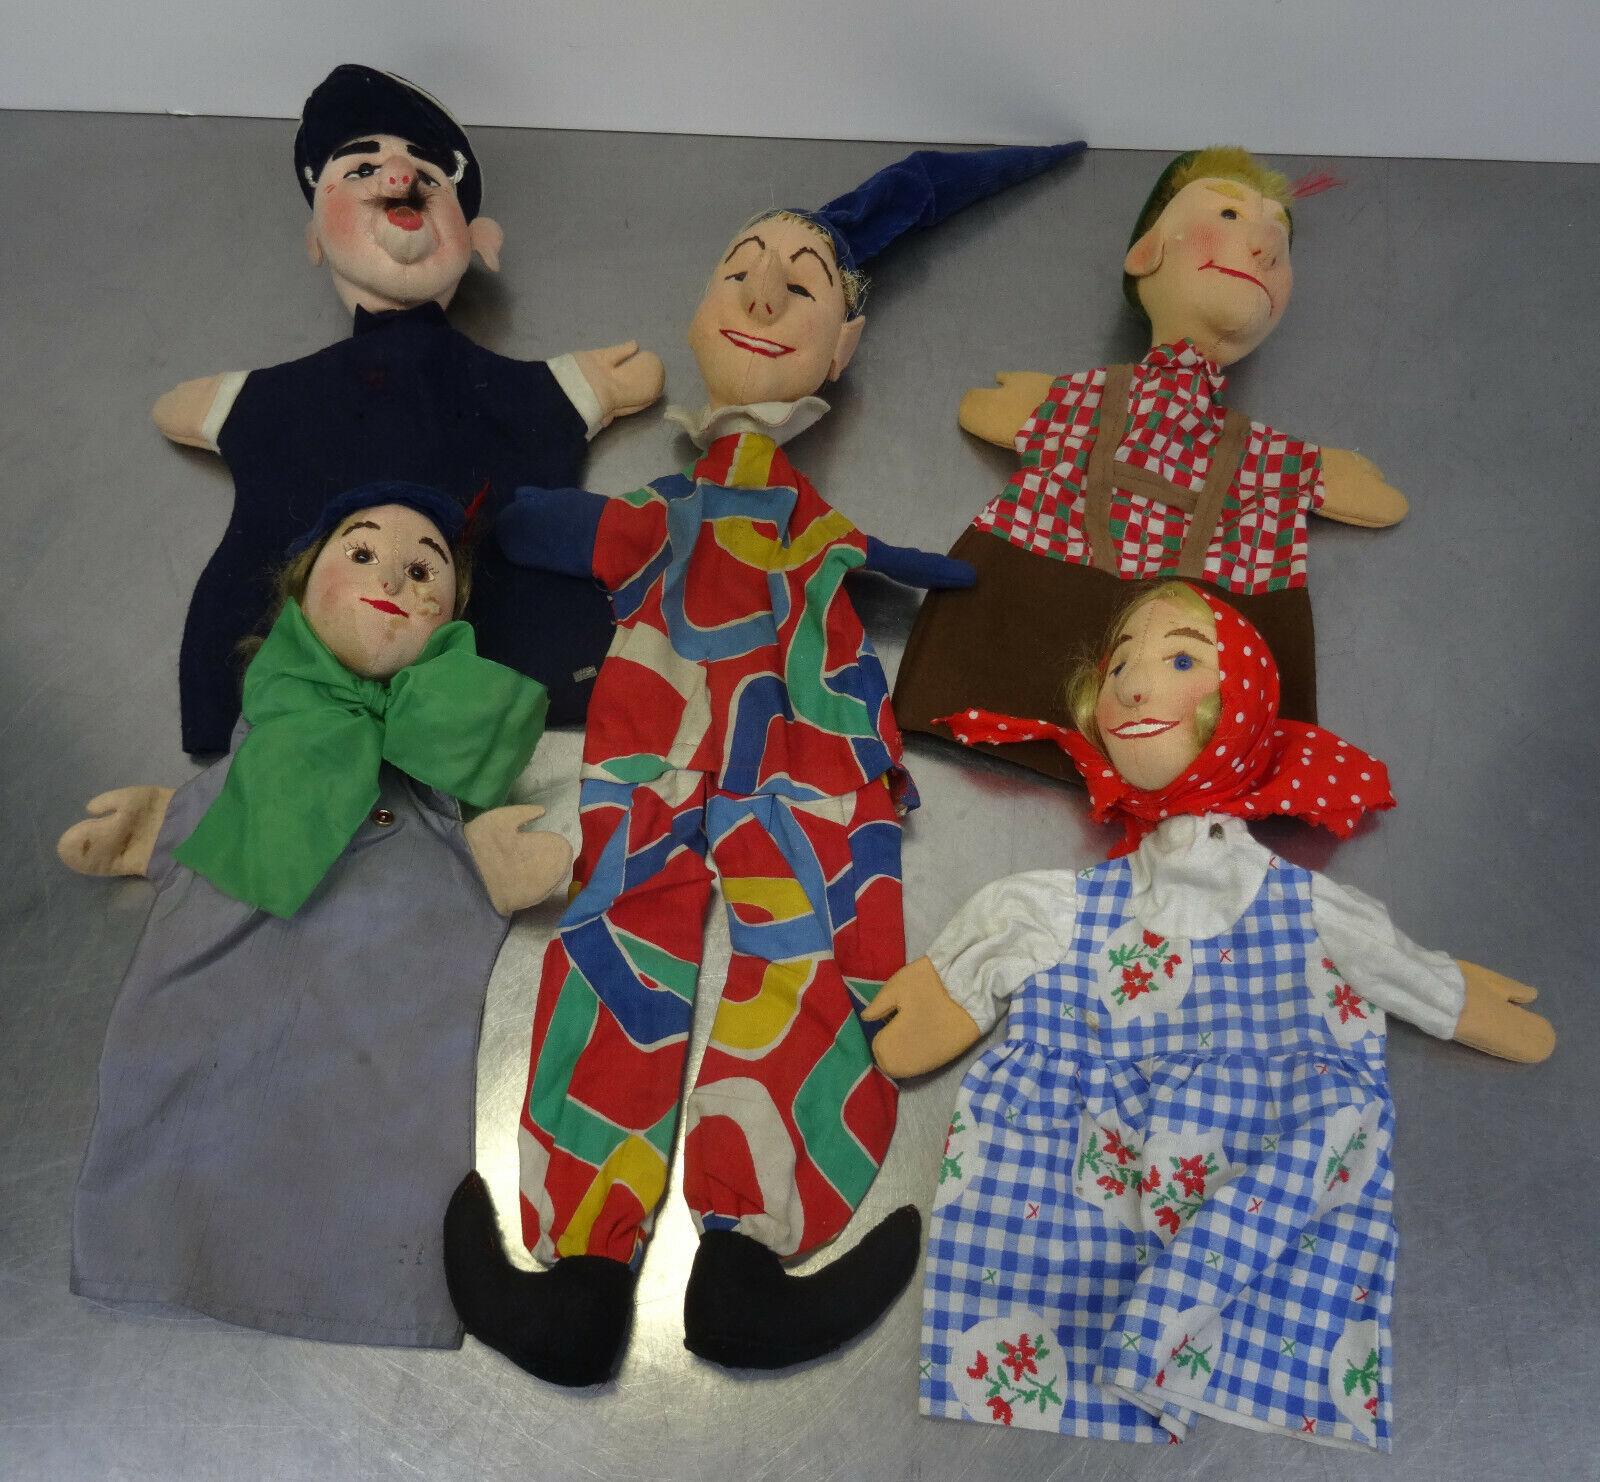 Ältere bespielte Handpuppen Kersa Filz Kasperletheater Theater Theater Theater Puppe 5 Stück e1c214